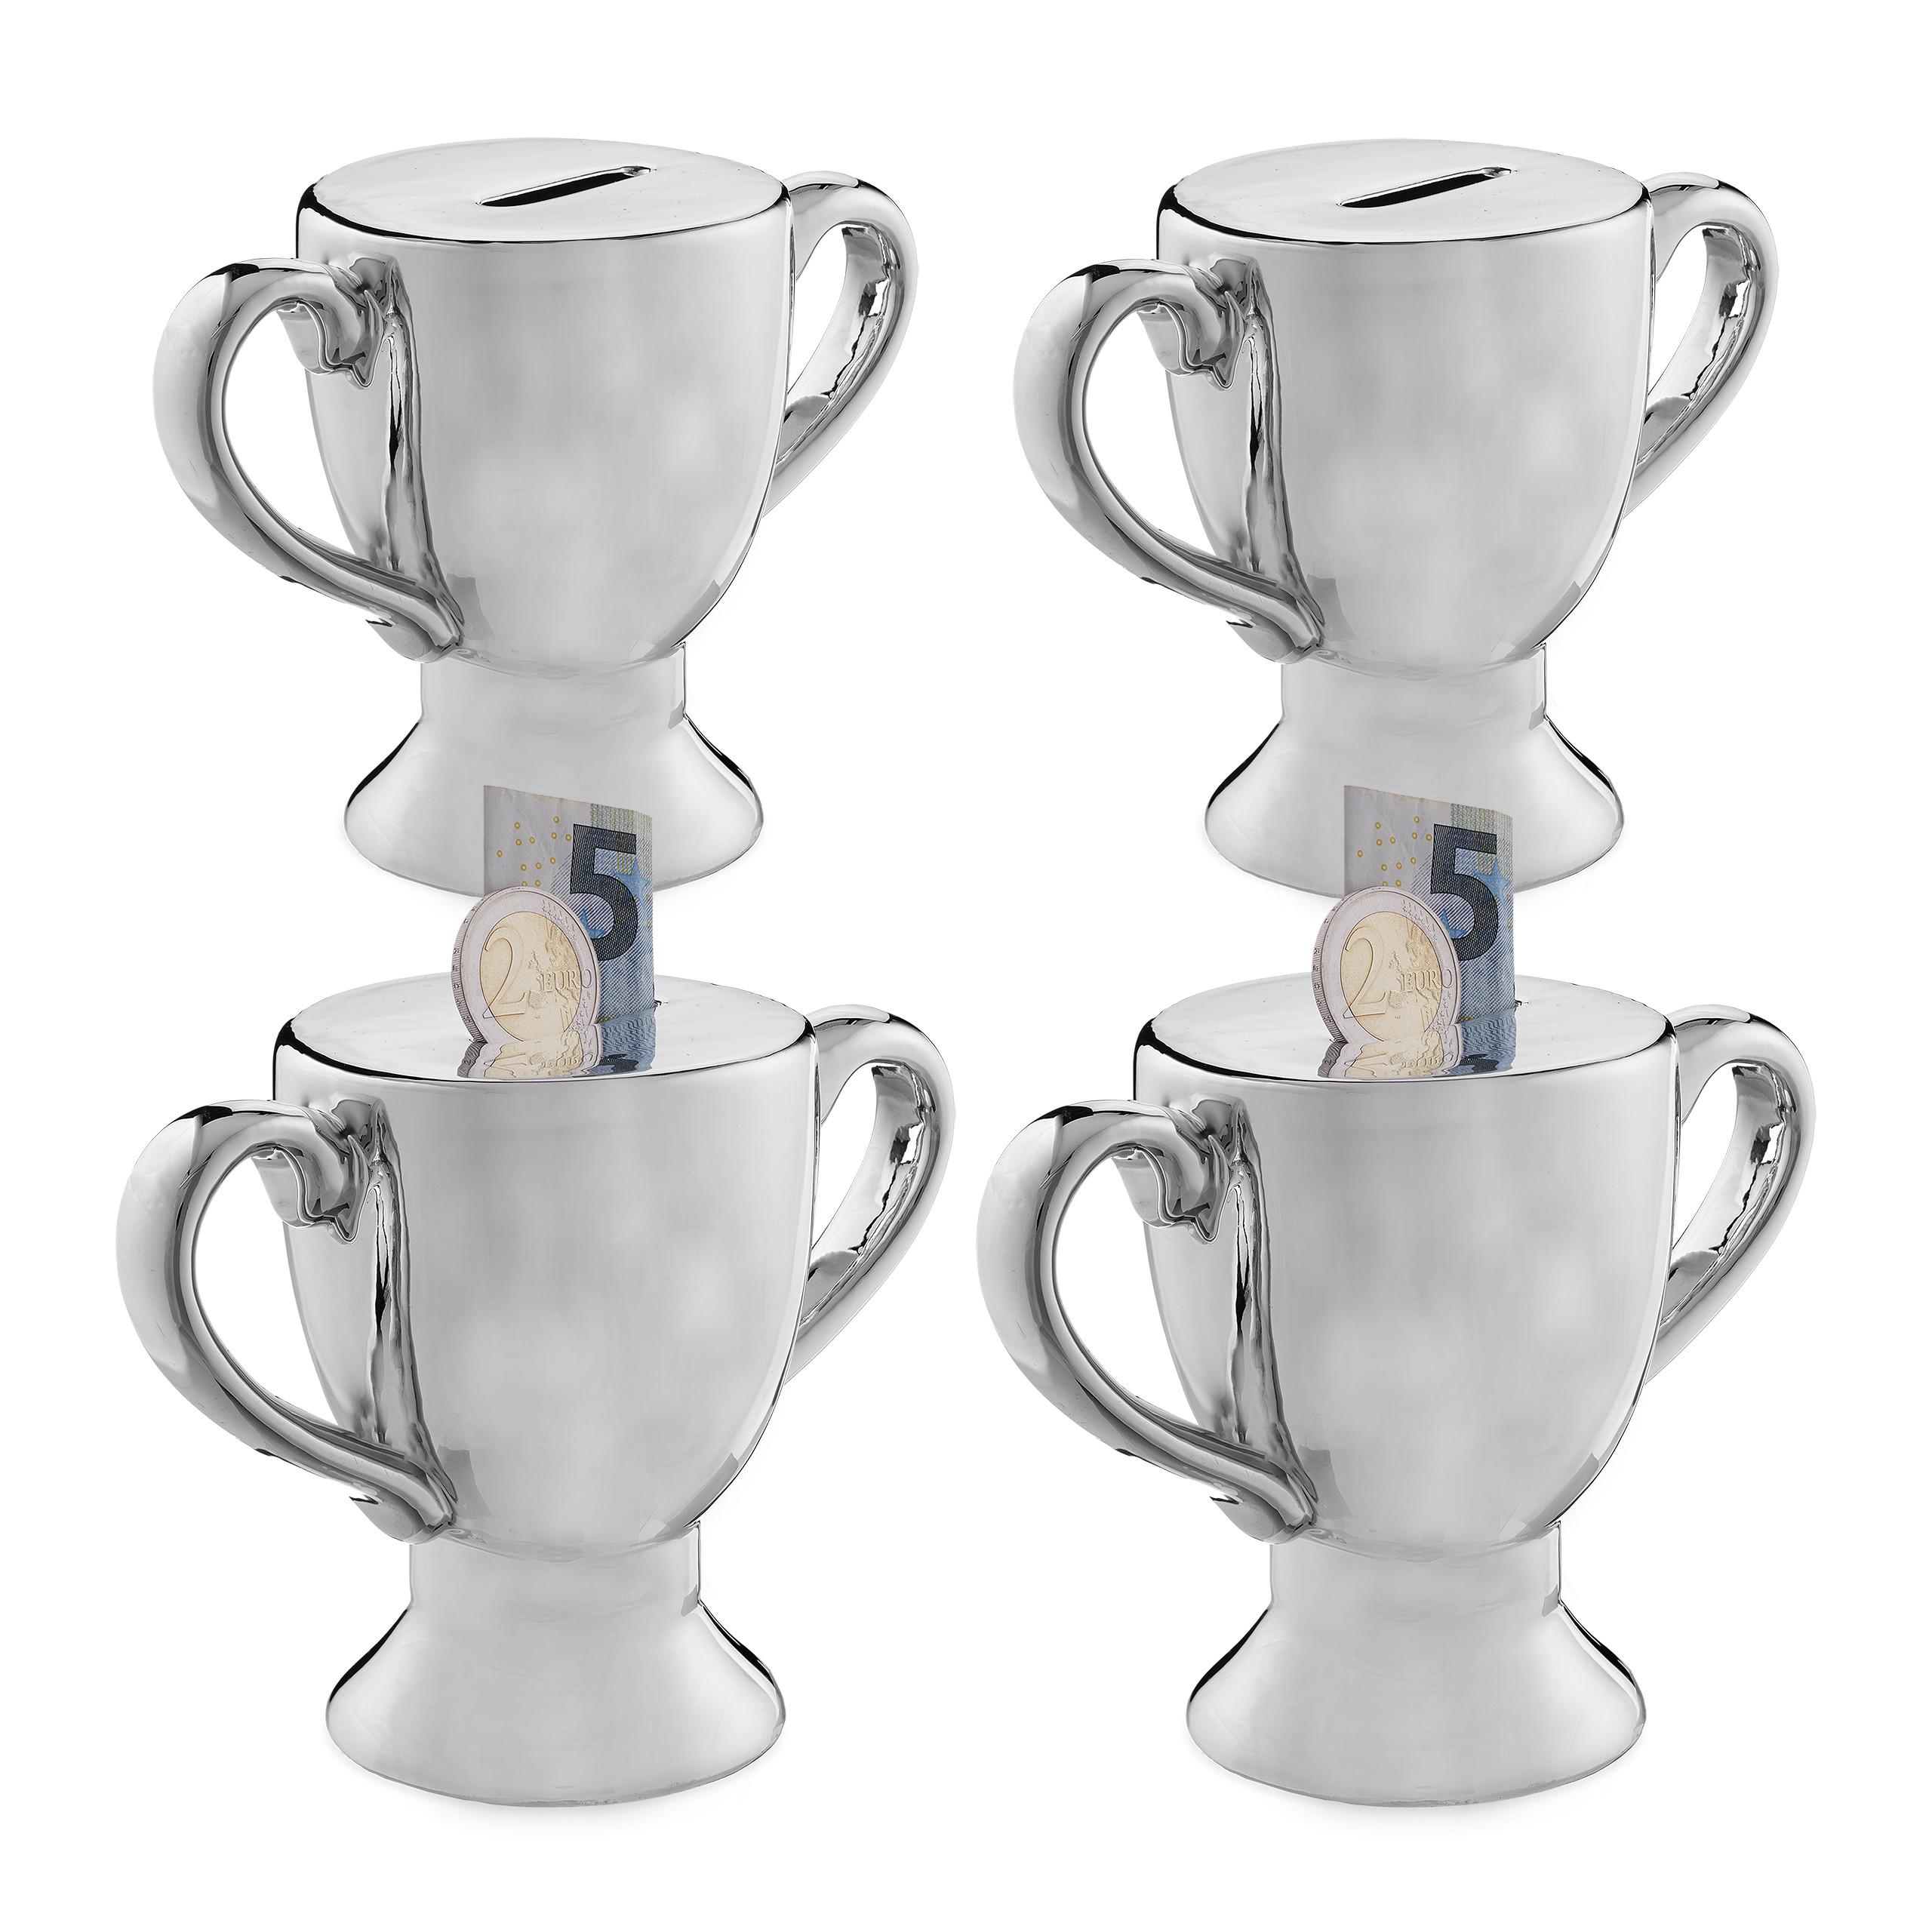 Spardose Pokal Sparschwein Sparbüchse Trophäe Keramik Money Box Gelddose Silber